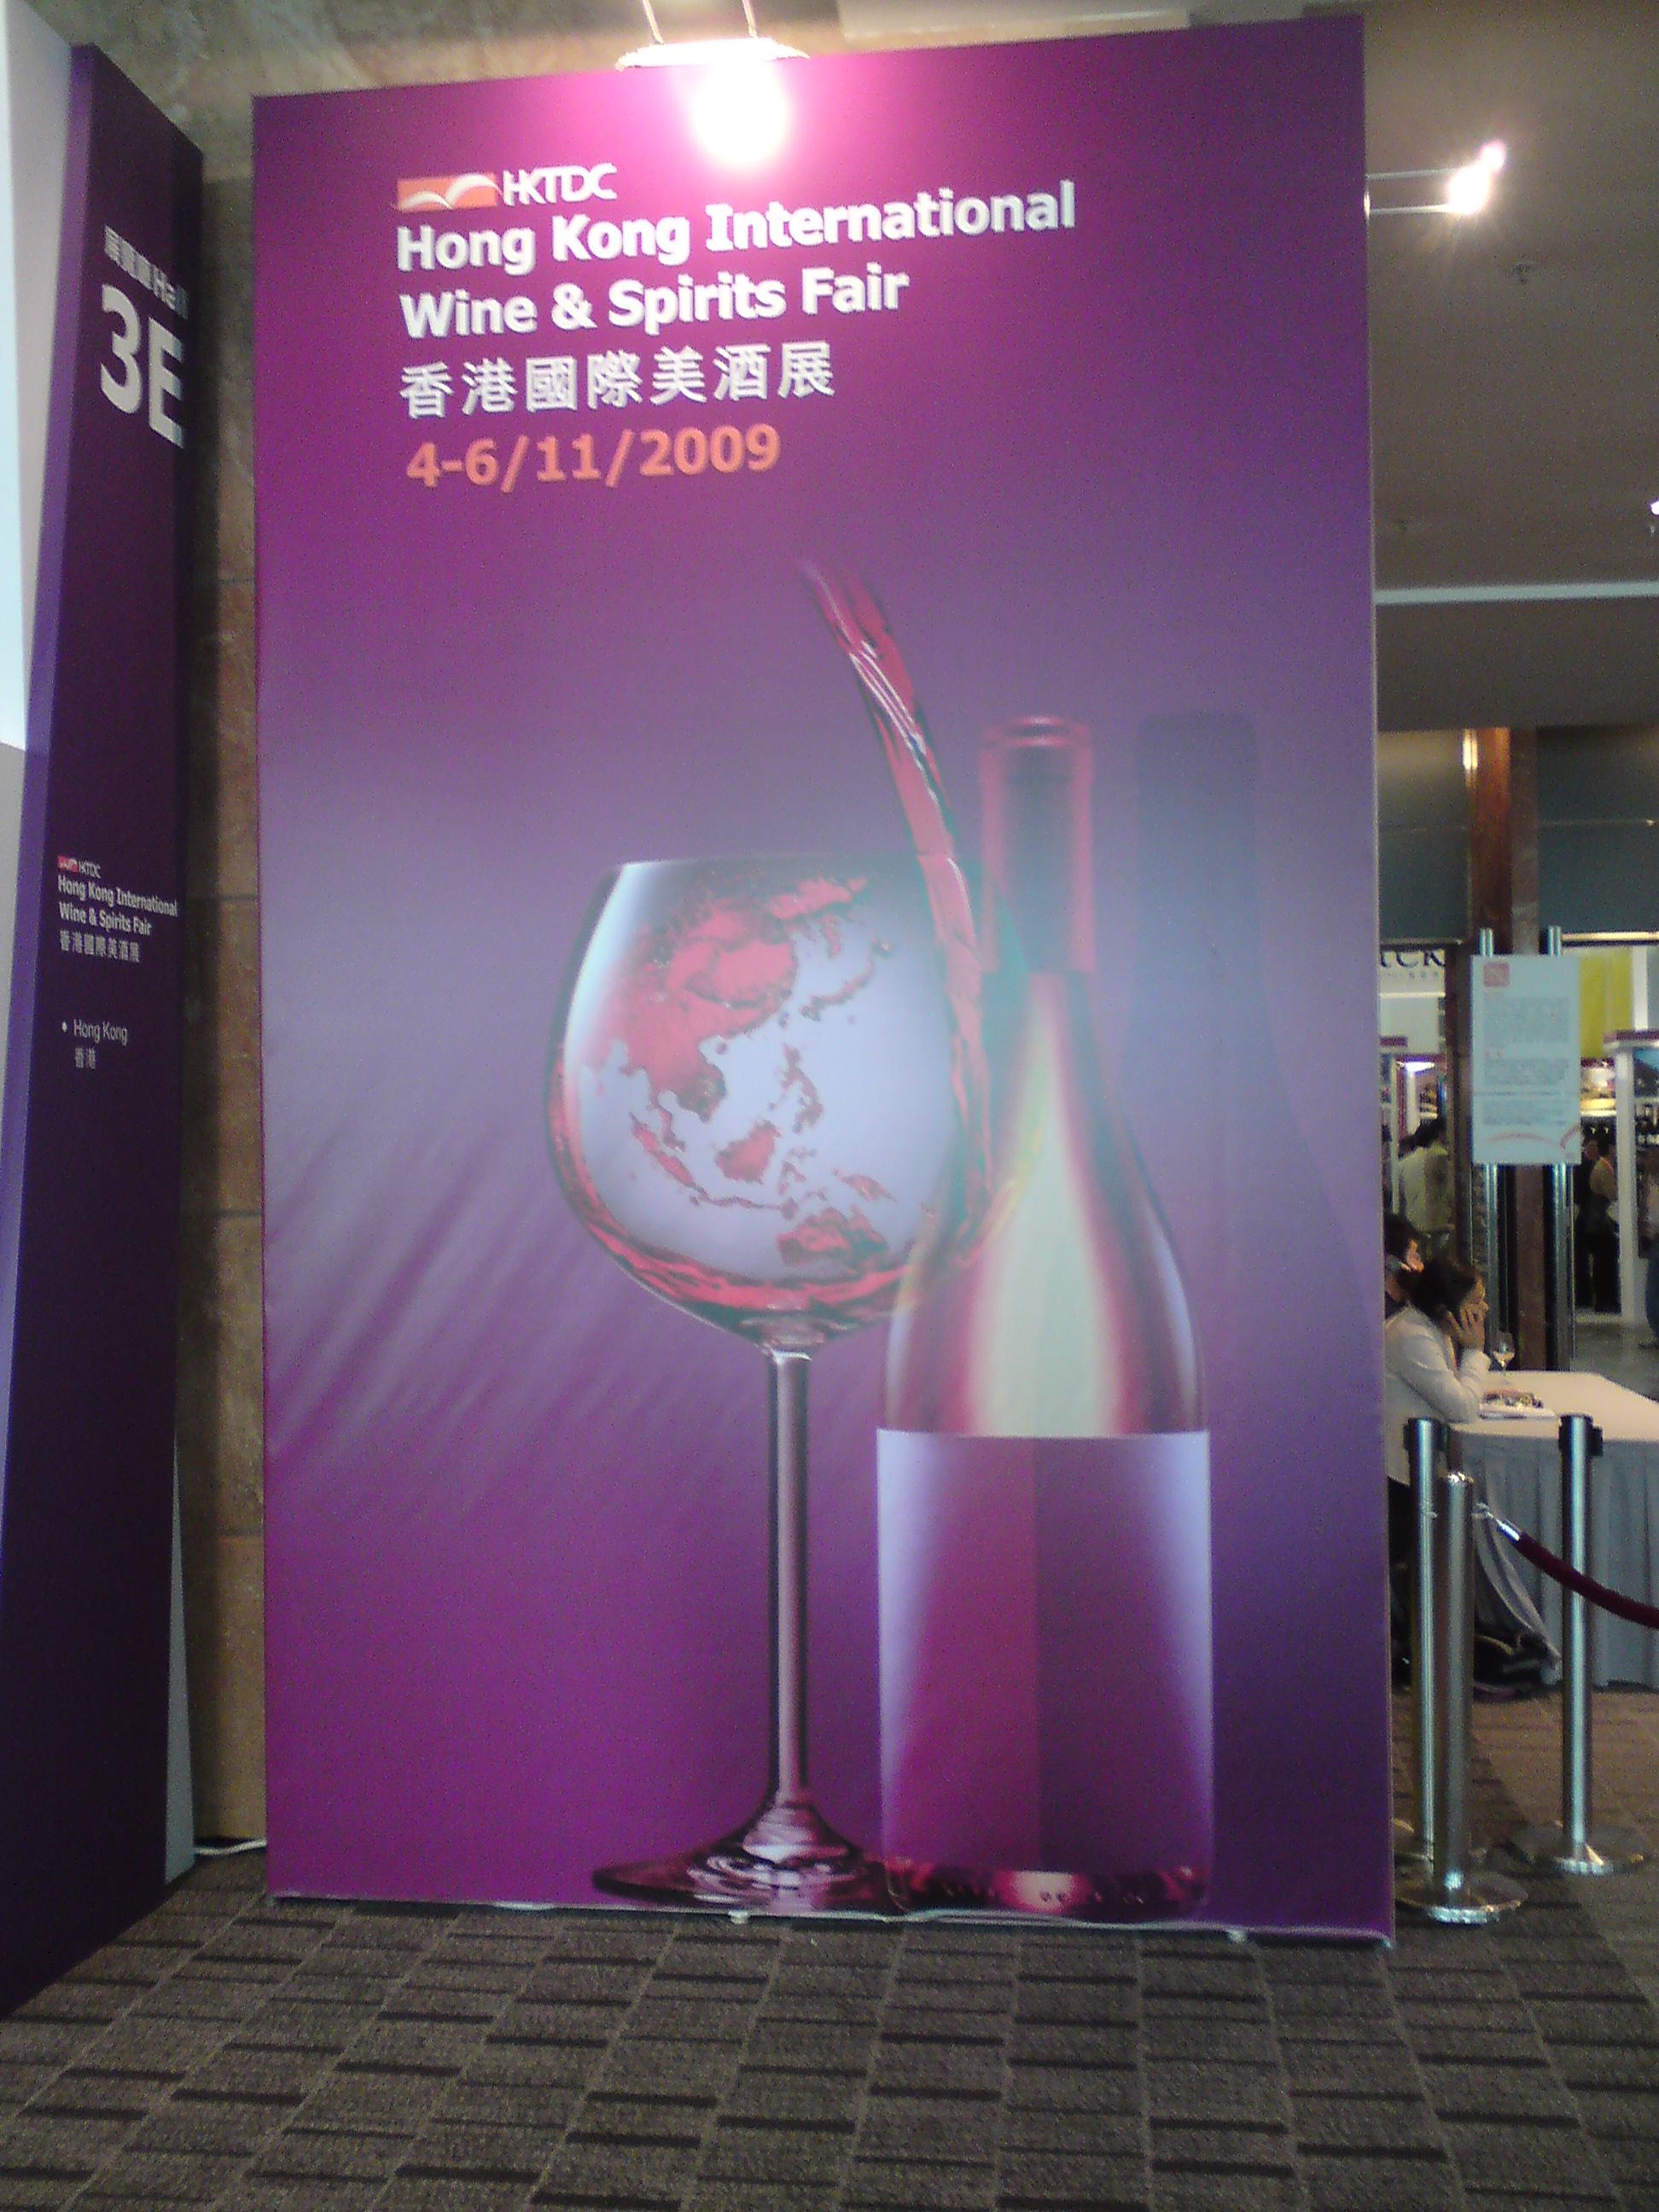 Wine & Spirit Fair